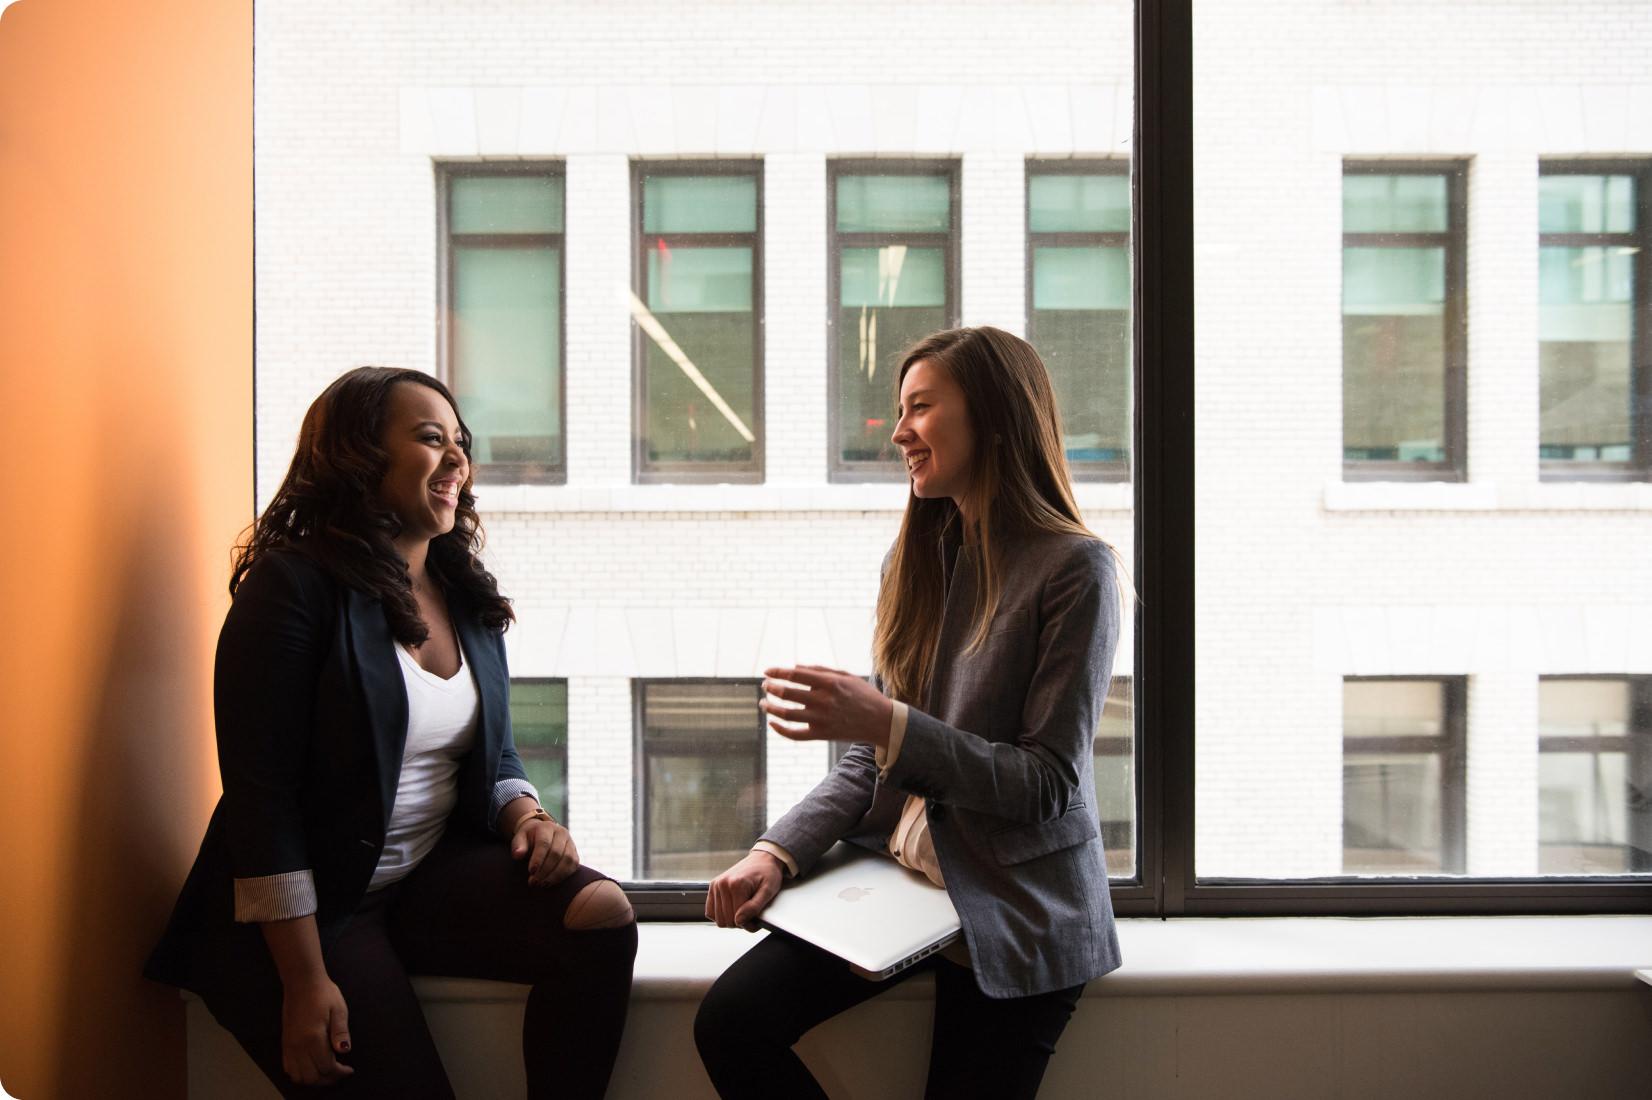 2 women in the office